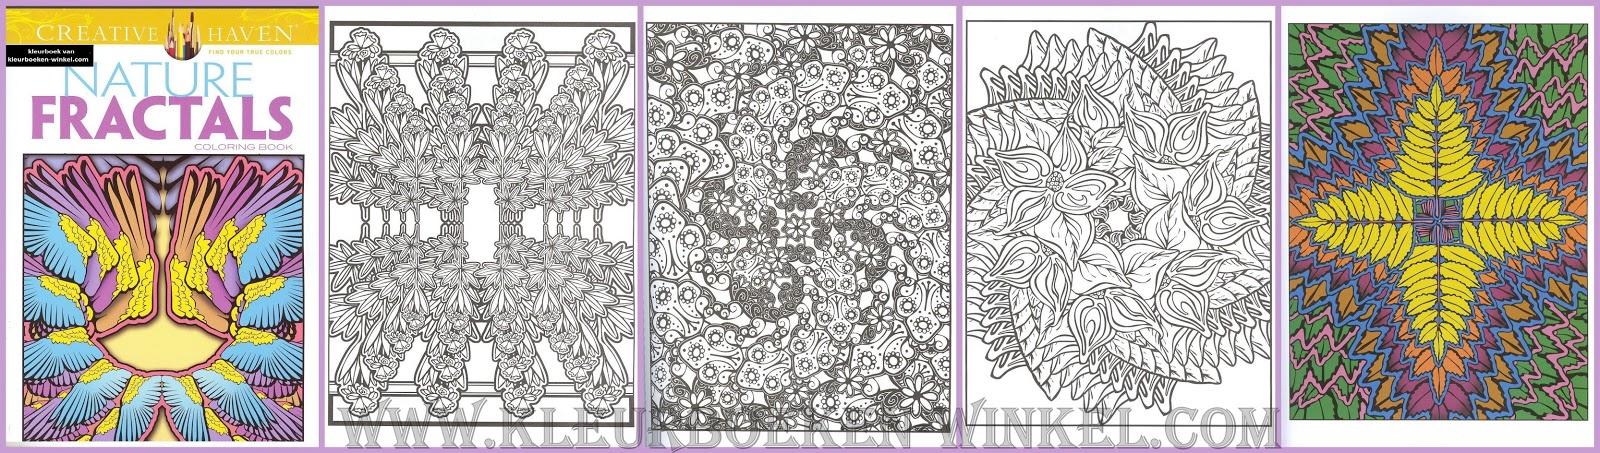 kleurboek bloemen, nature fractals